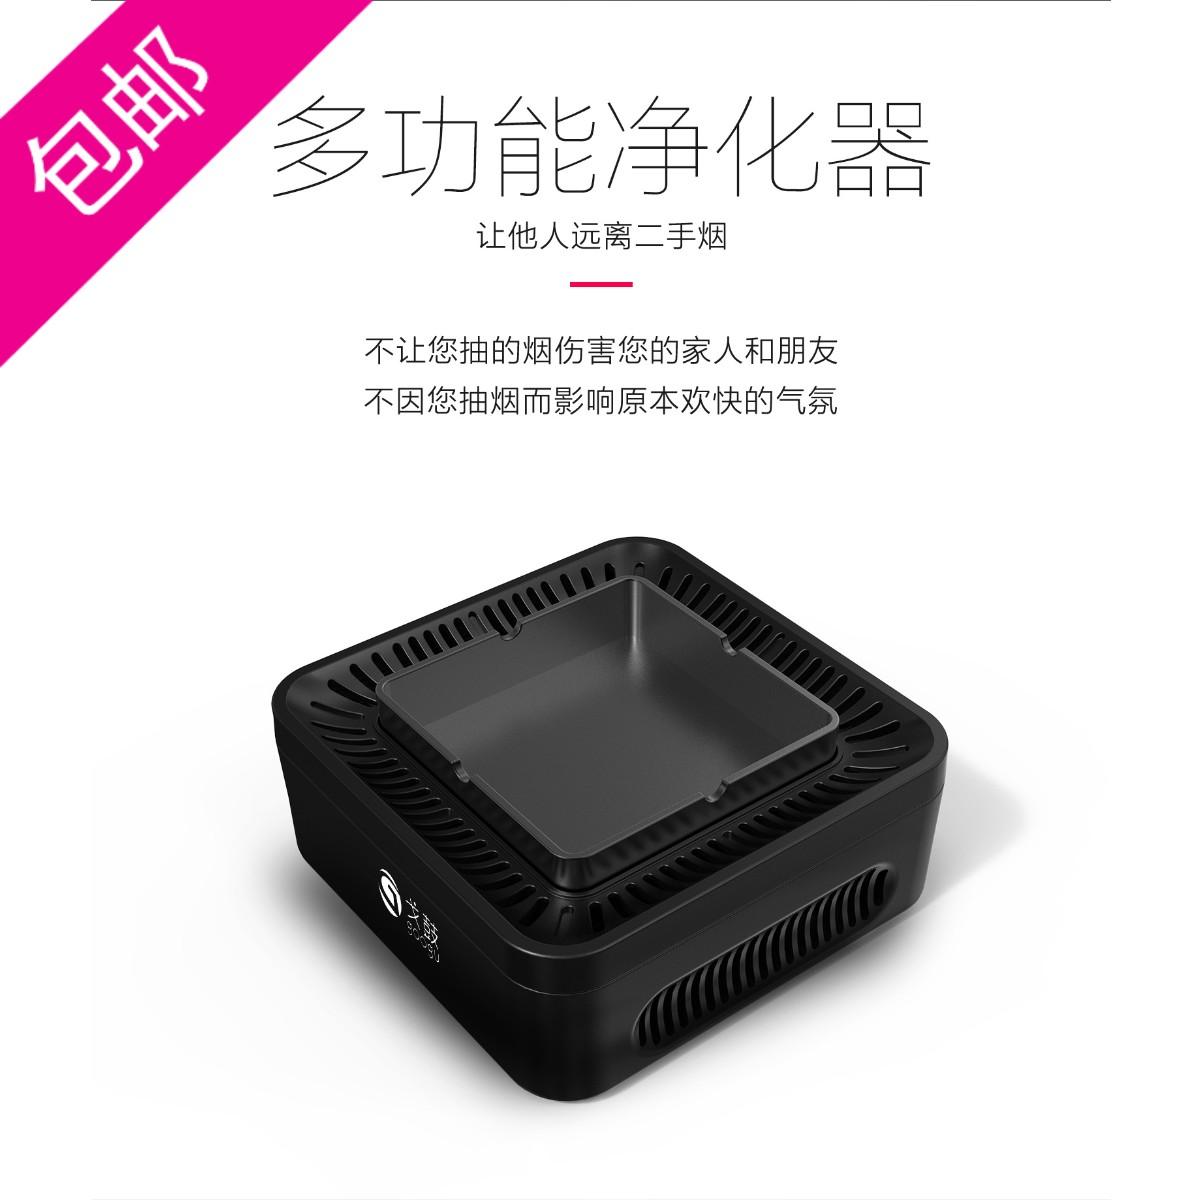 烟灰缸空气净化器二合一 涡轮风扇强吸力USB充电吸烟宝除烟味新品